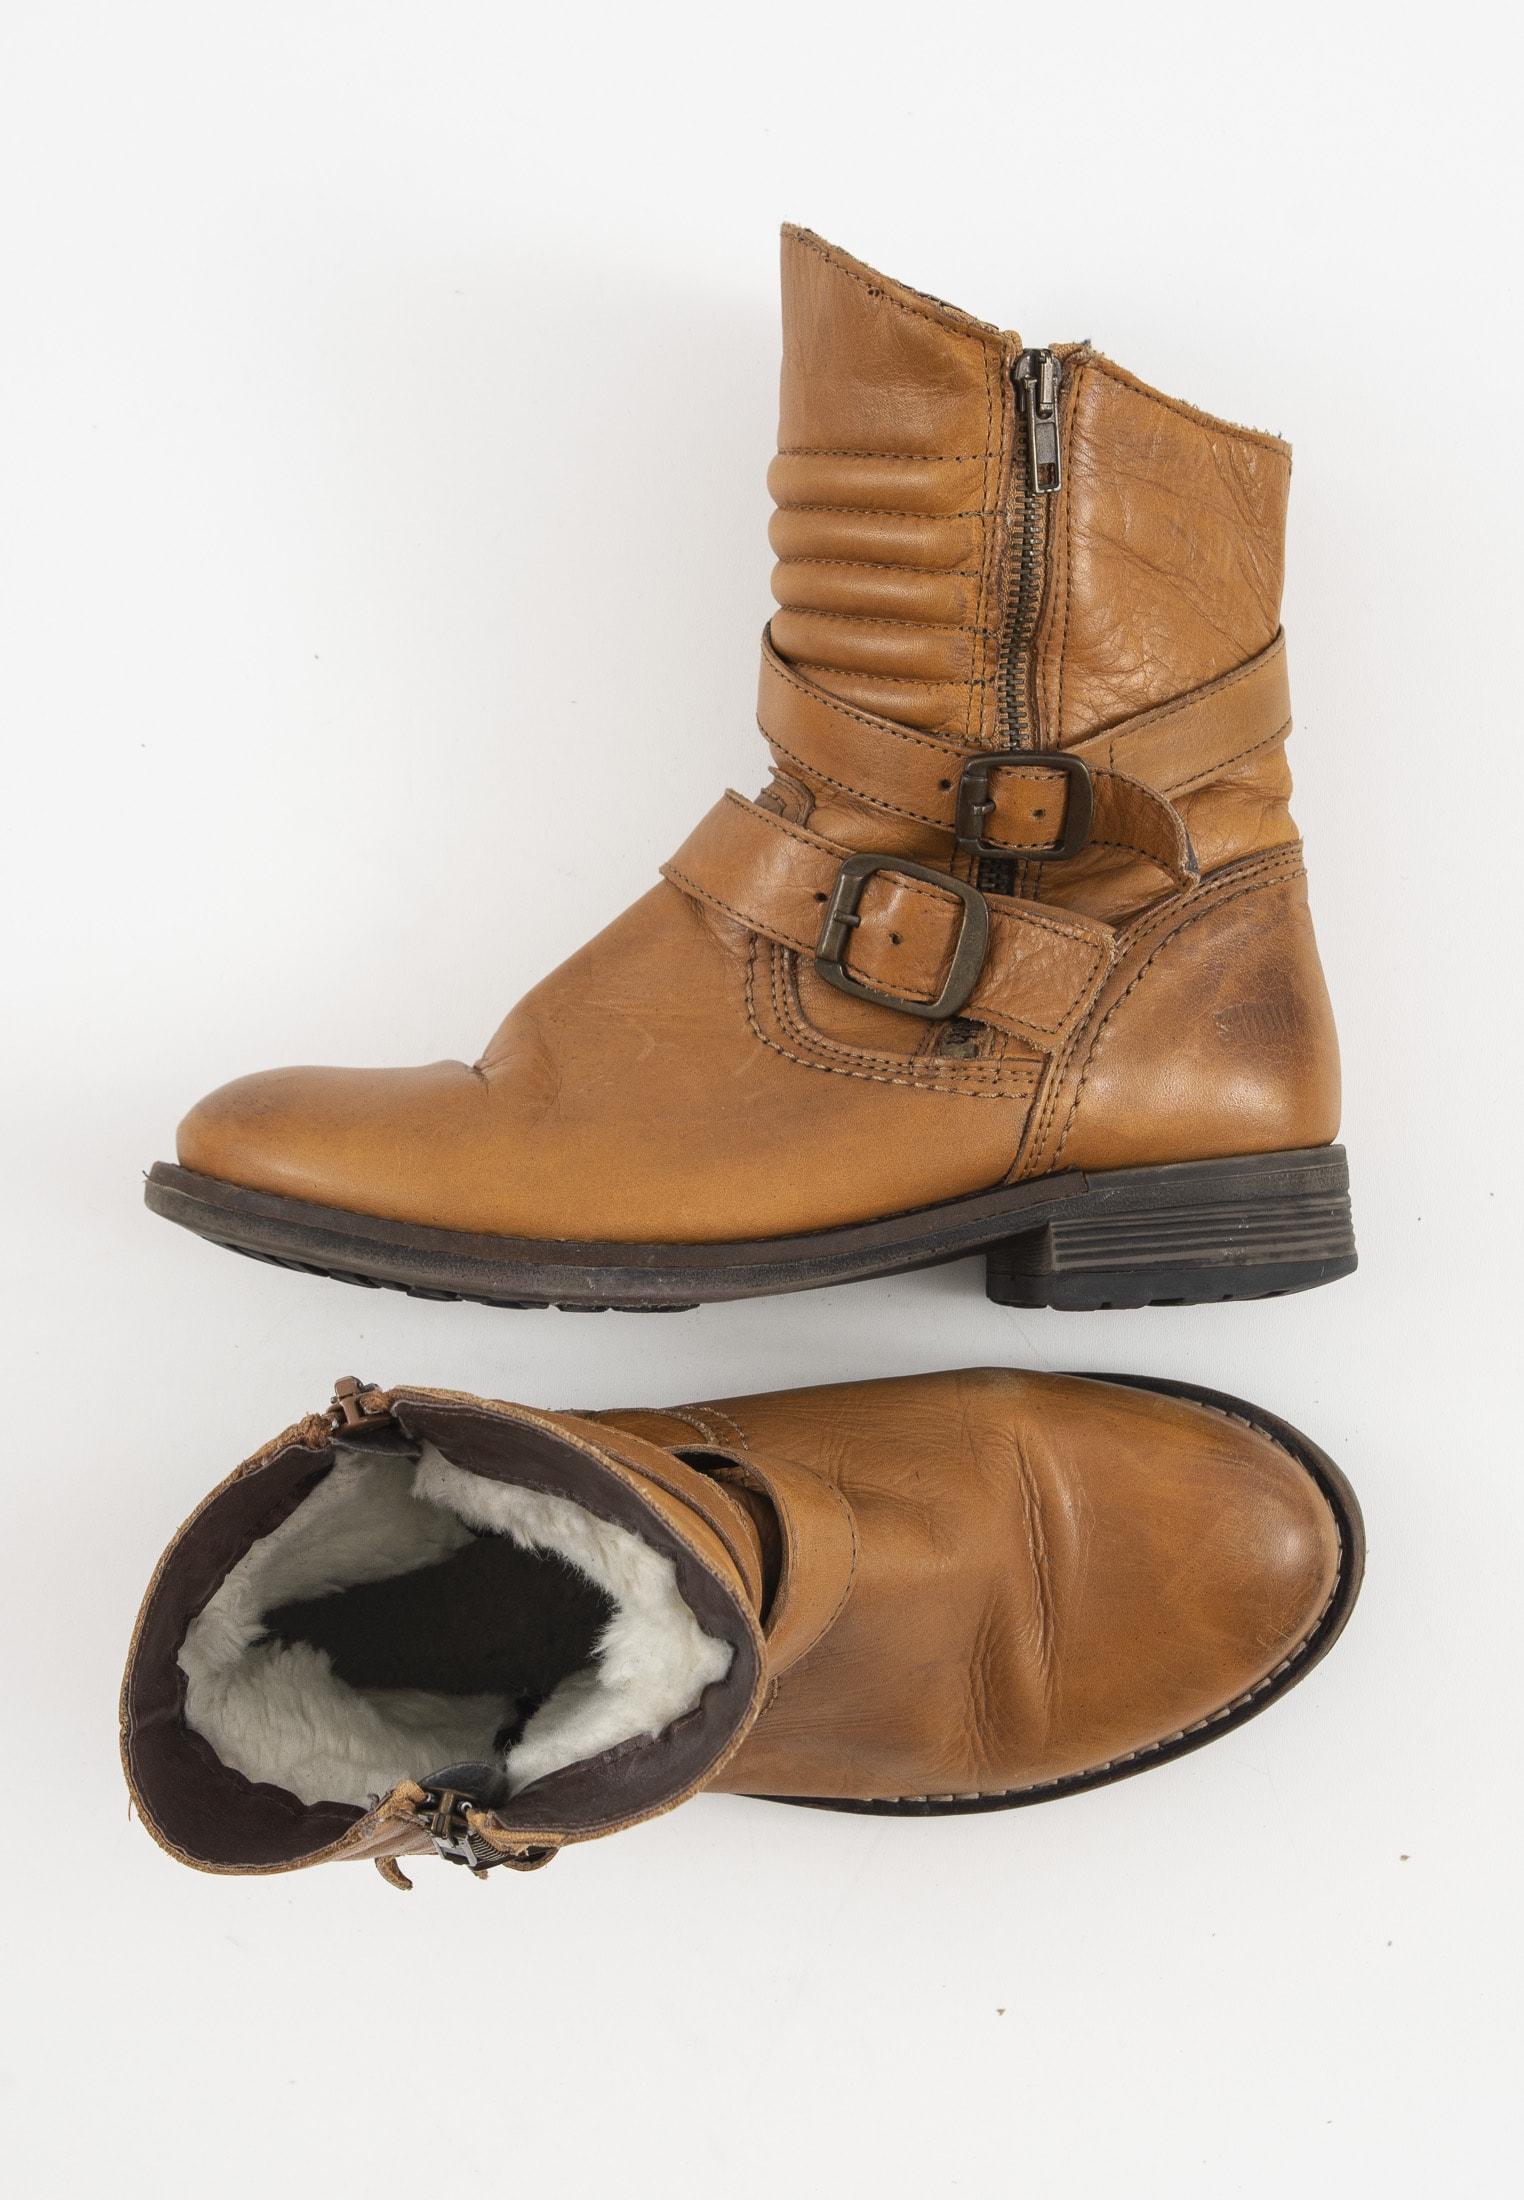 Shoot Stiefel / Stiefelette / Boots Braun Gr.38